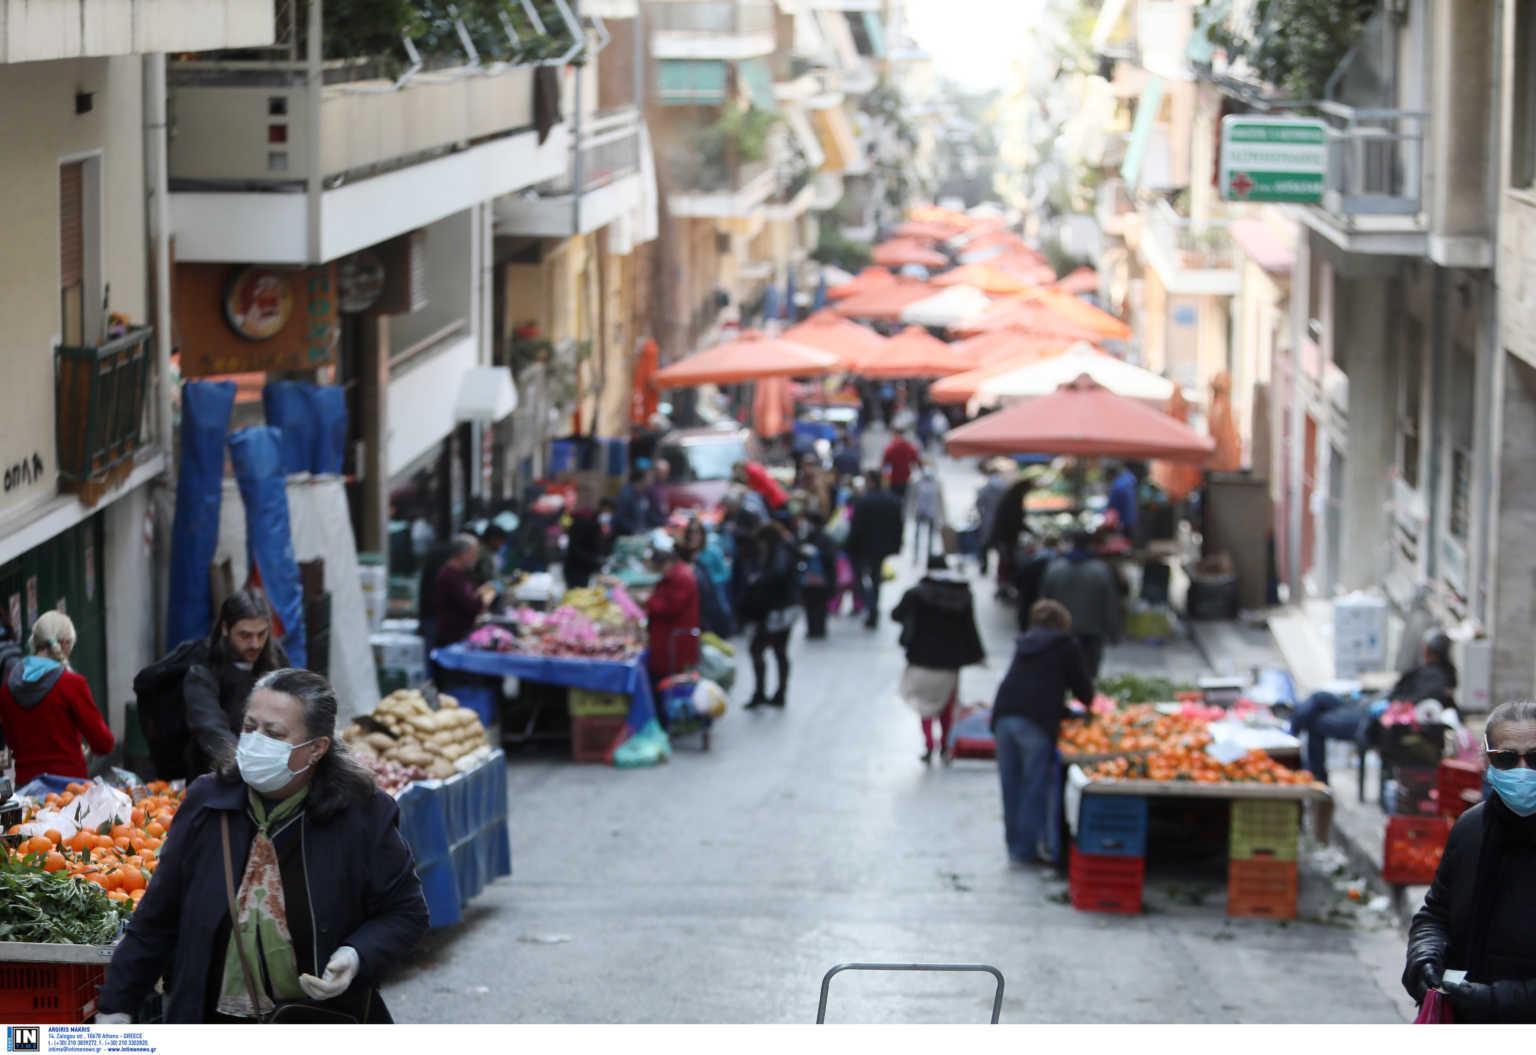 Λαϊκές αγορές: Αλλάζει ο τρόπος λειτουργίας τους στην Αττική